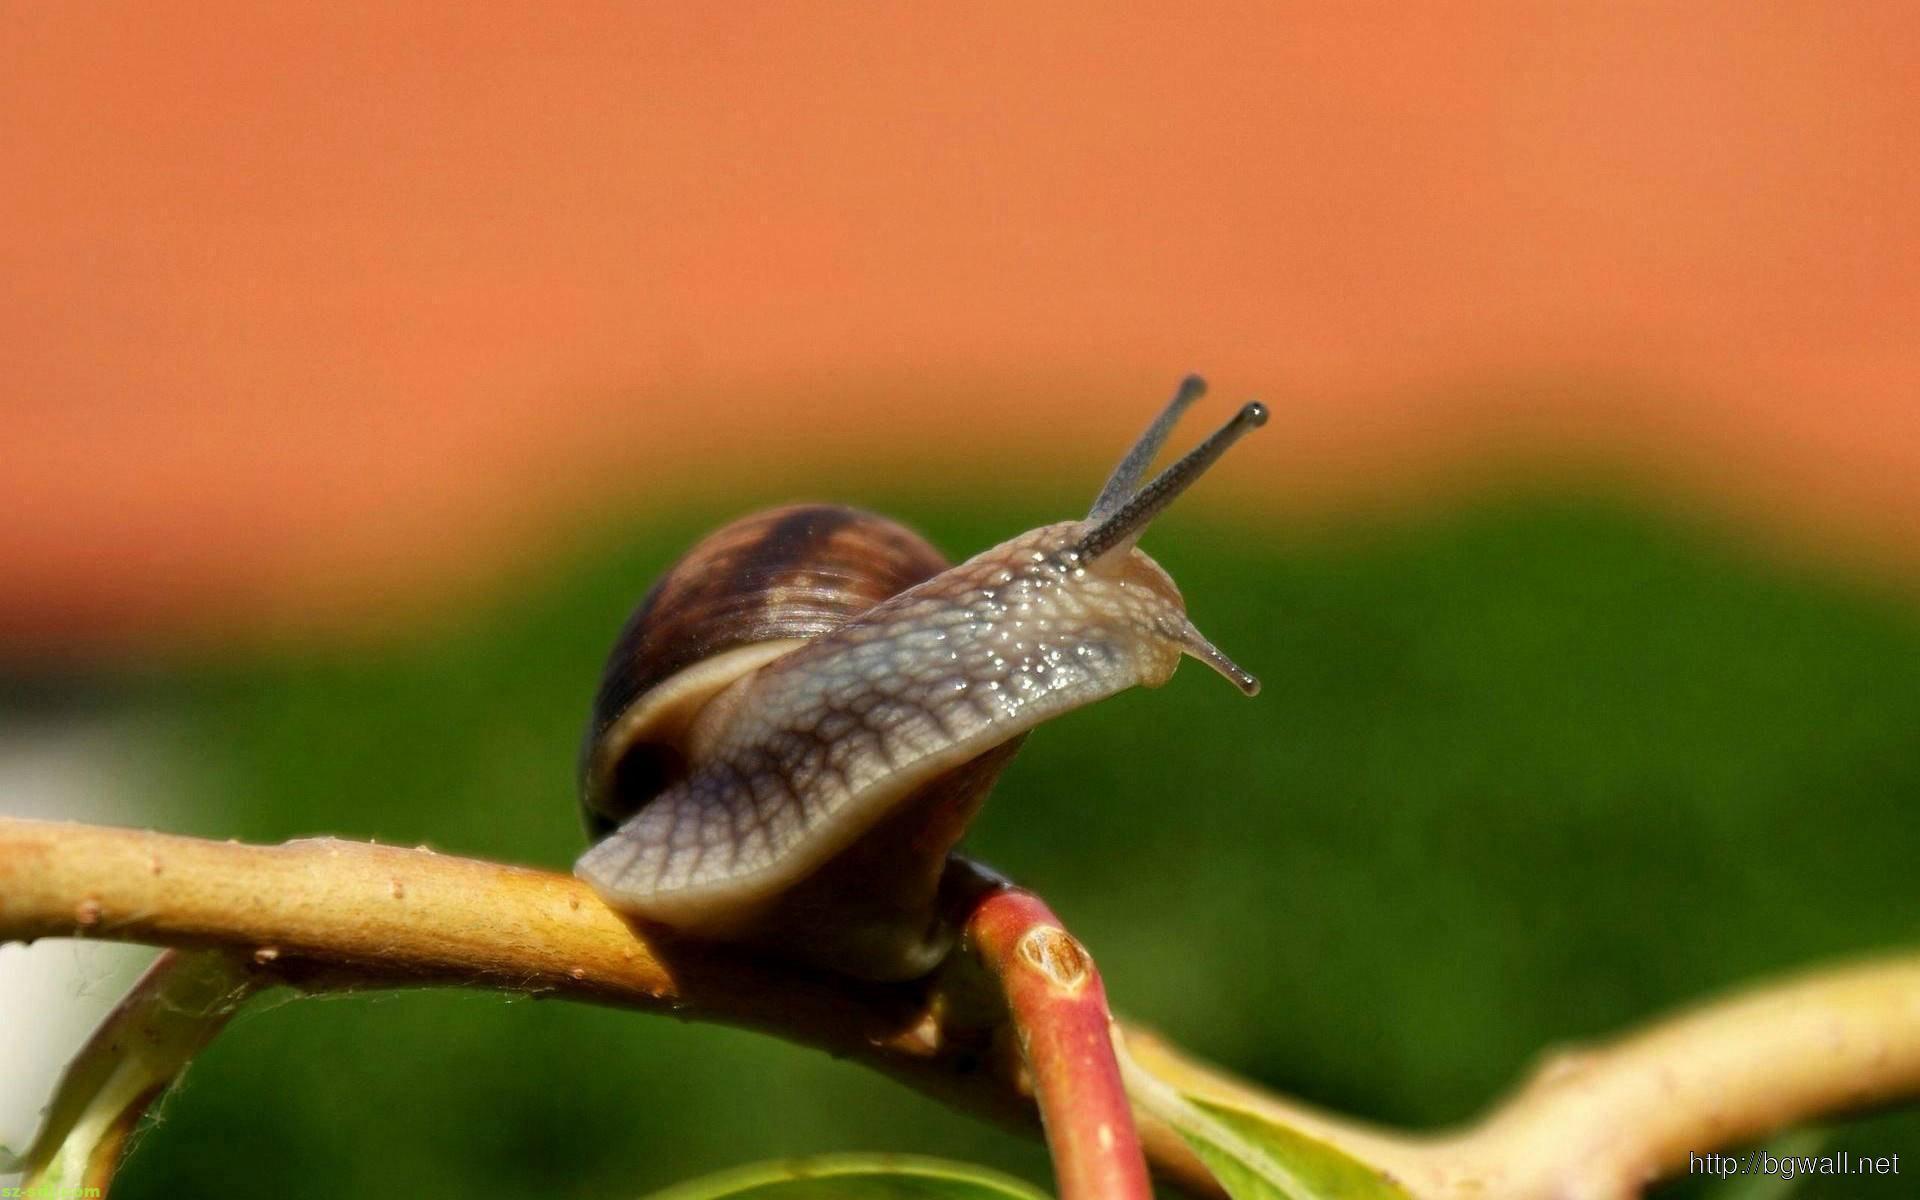 Best Snail Macro Wallpaper Hd  Background Wallpaper Hd